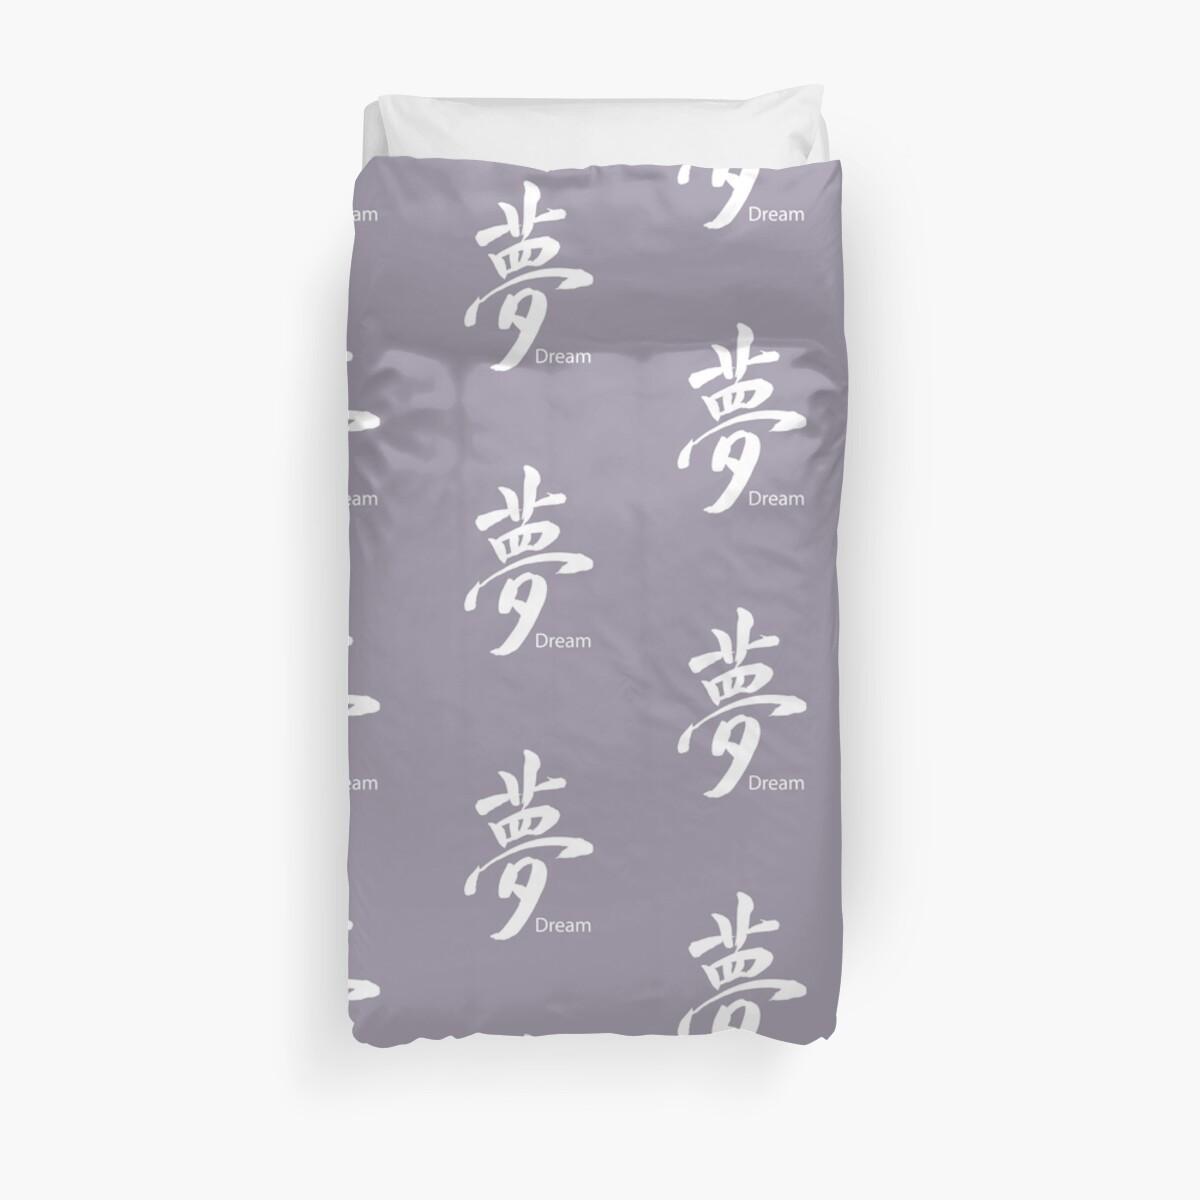 """""""Dream"""" symbol in Kanji Japanese white text by cinn"""